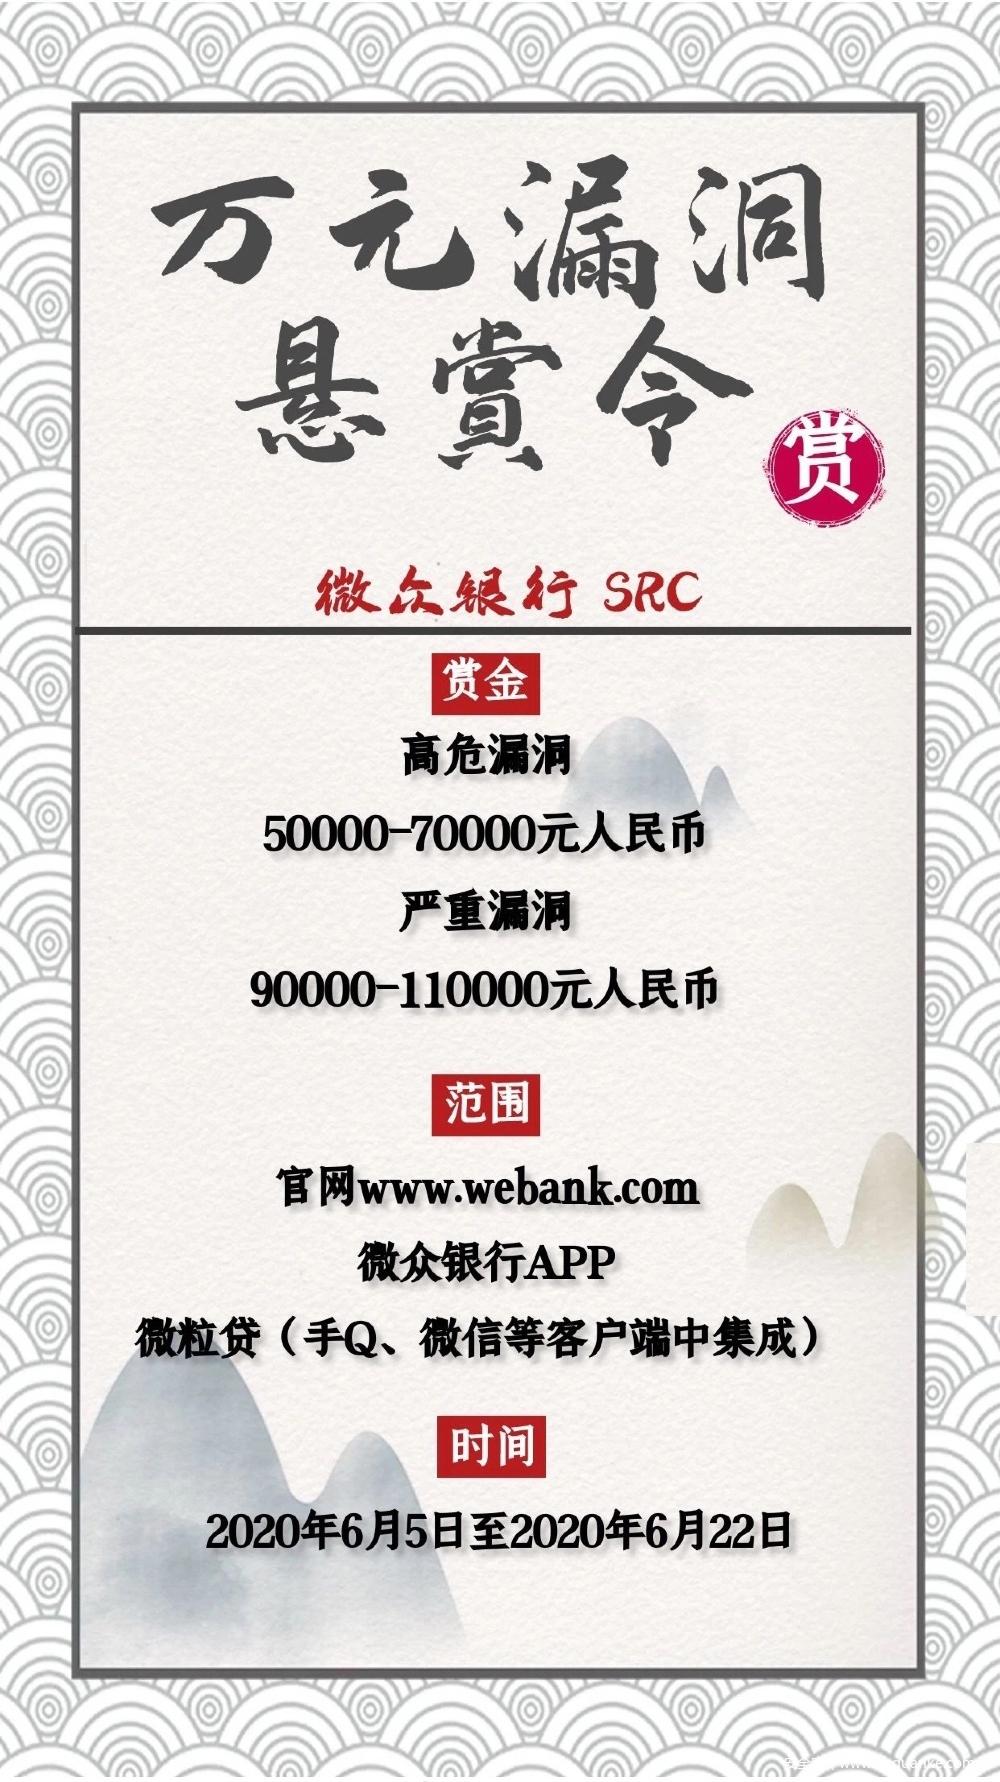 活动   微众银行SRC 单个漏洞悬赏11万!